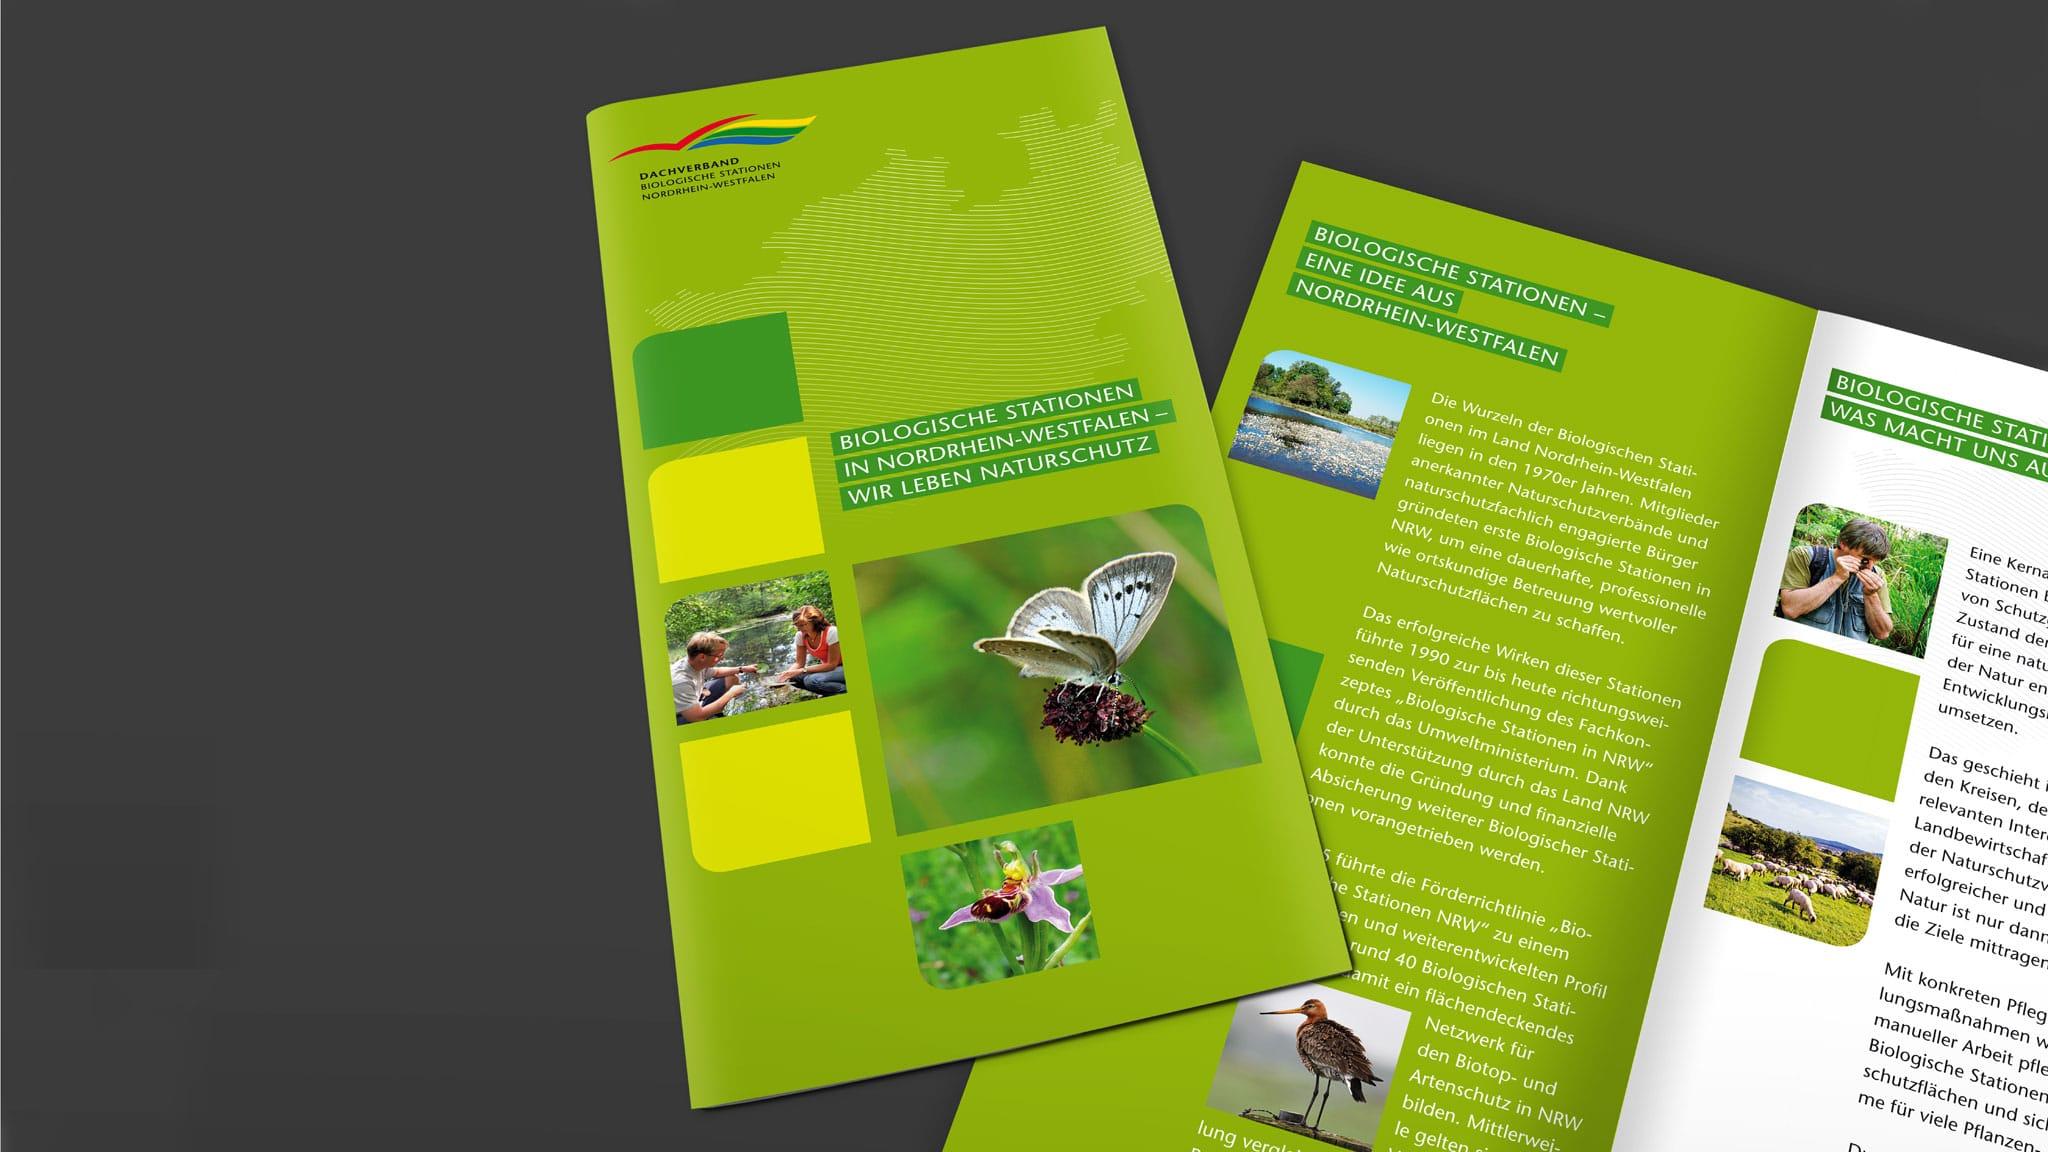 Faltblatt für den Dachverband der Biostationen NRW